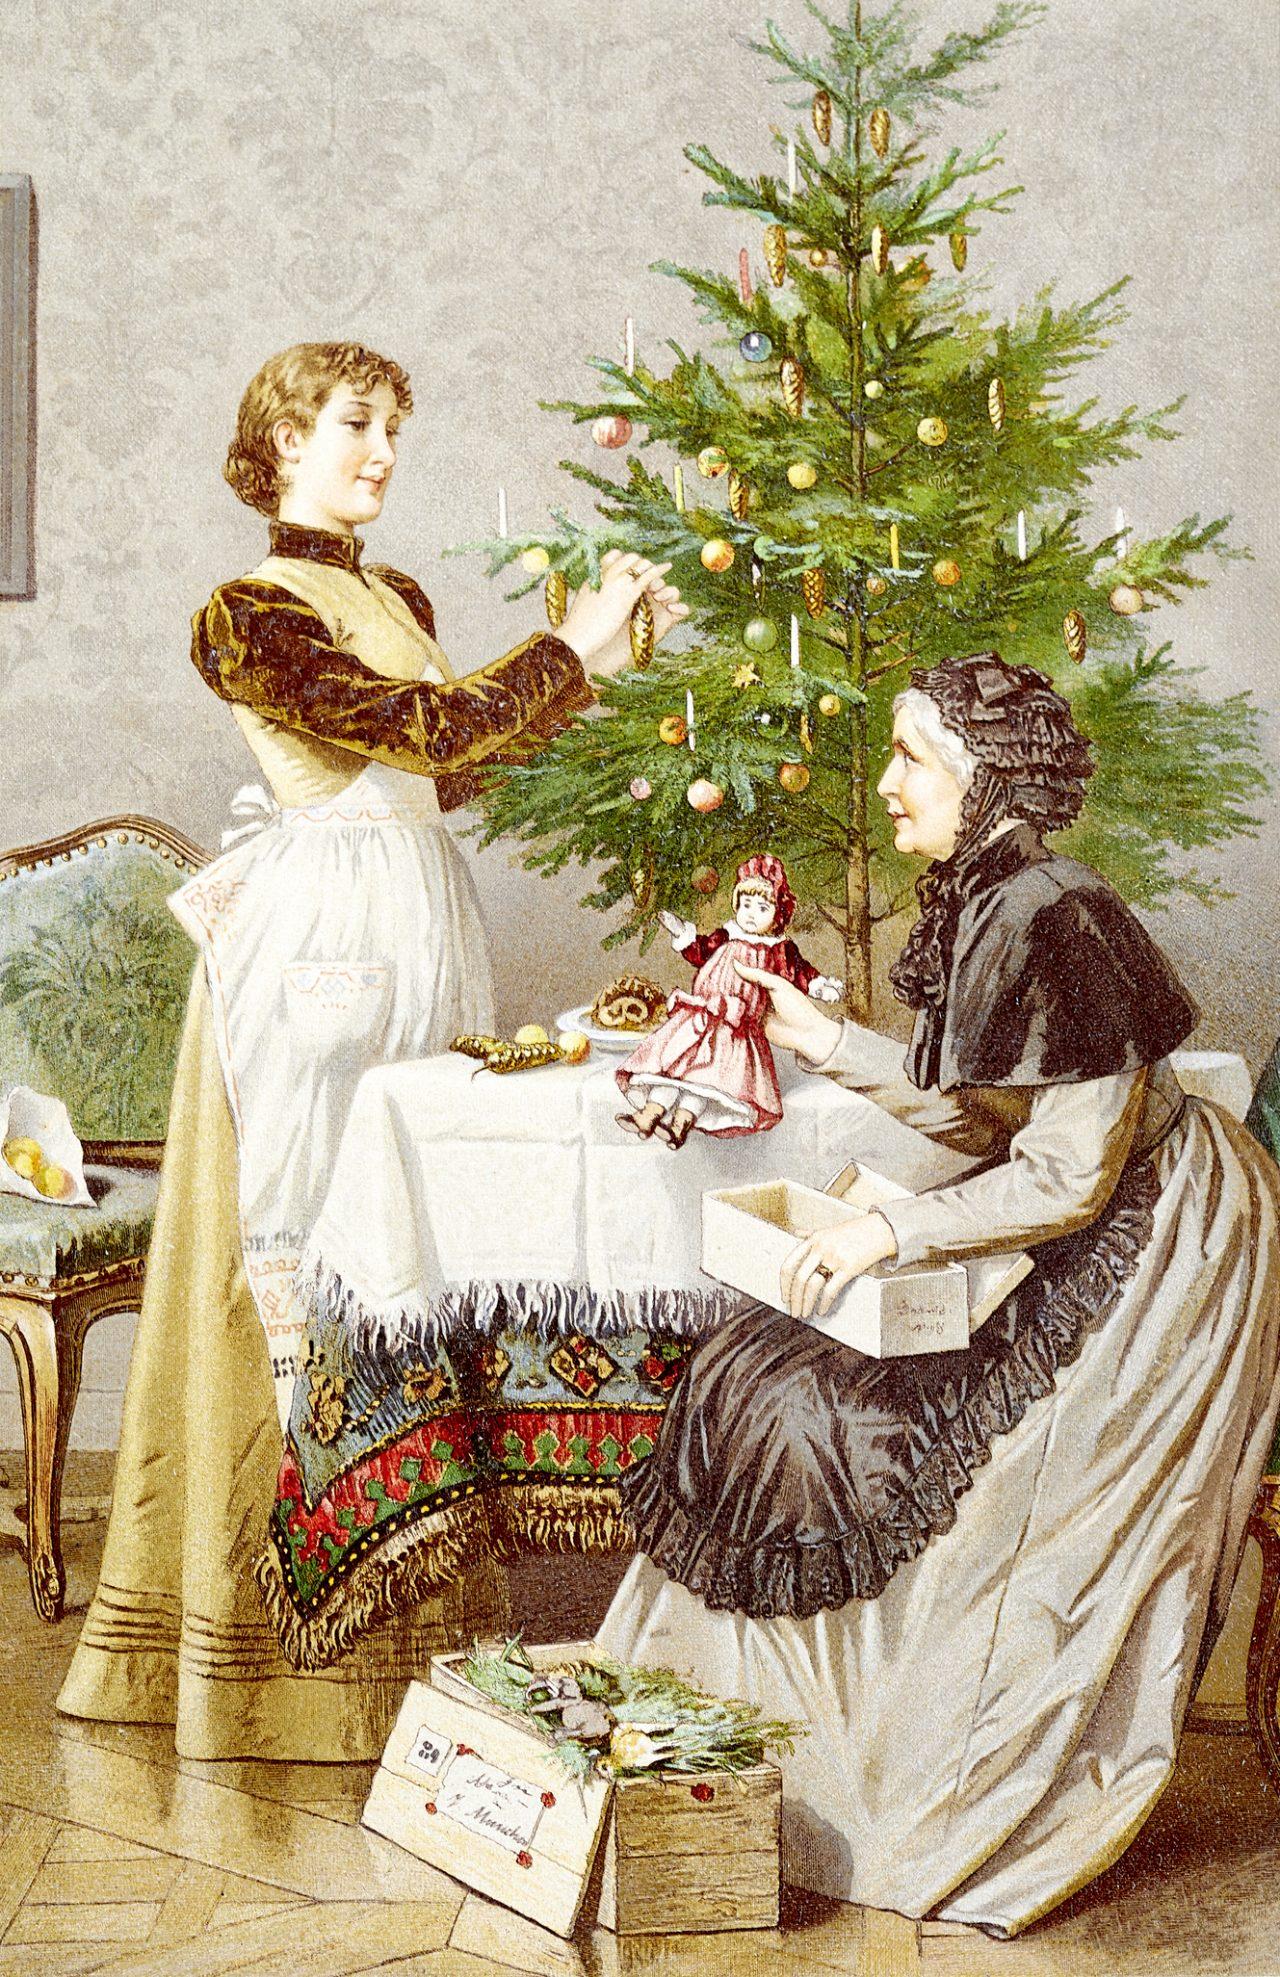 Illustrasjon av mor og datter som pynter juletre